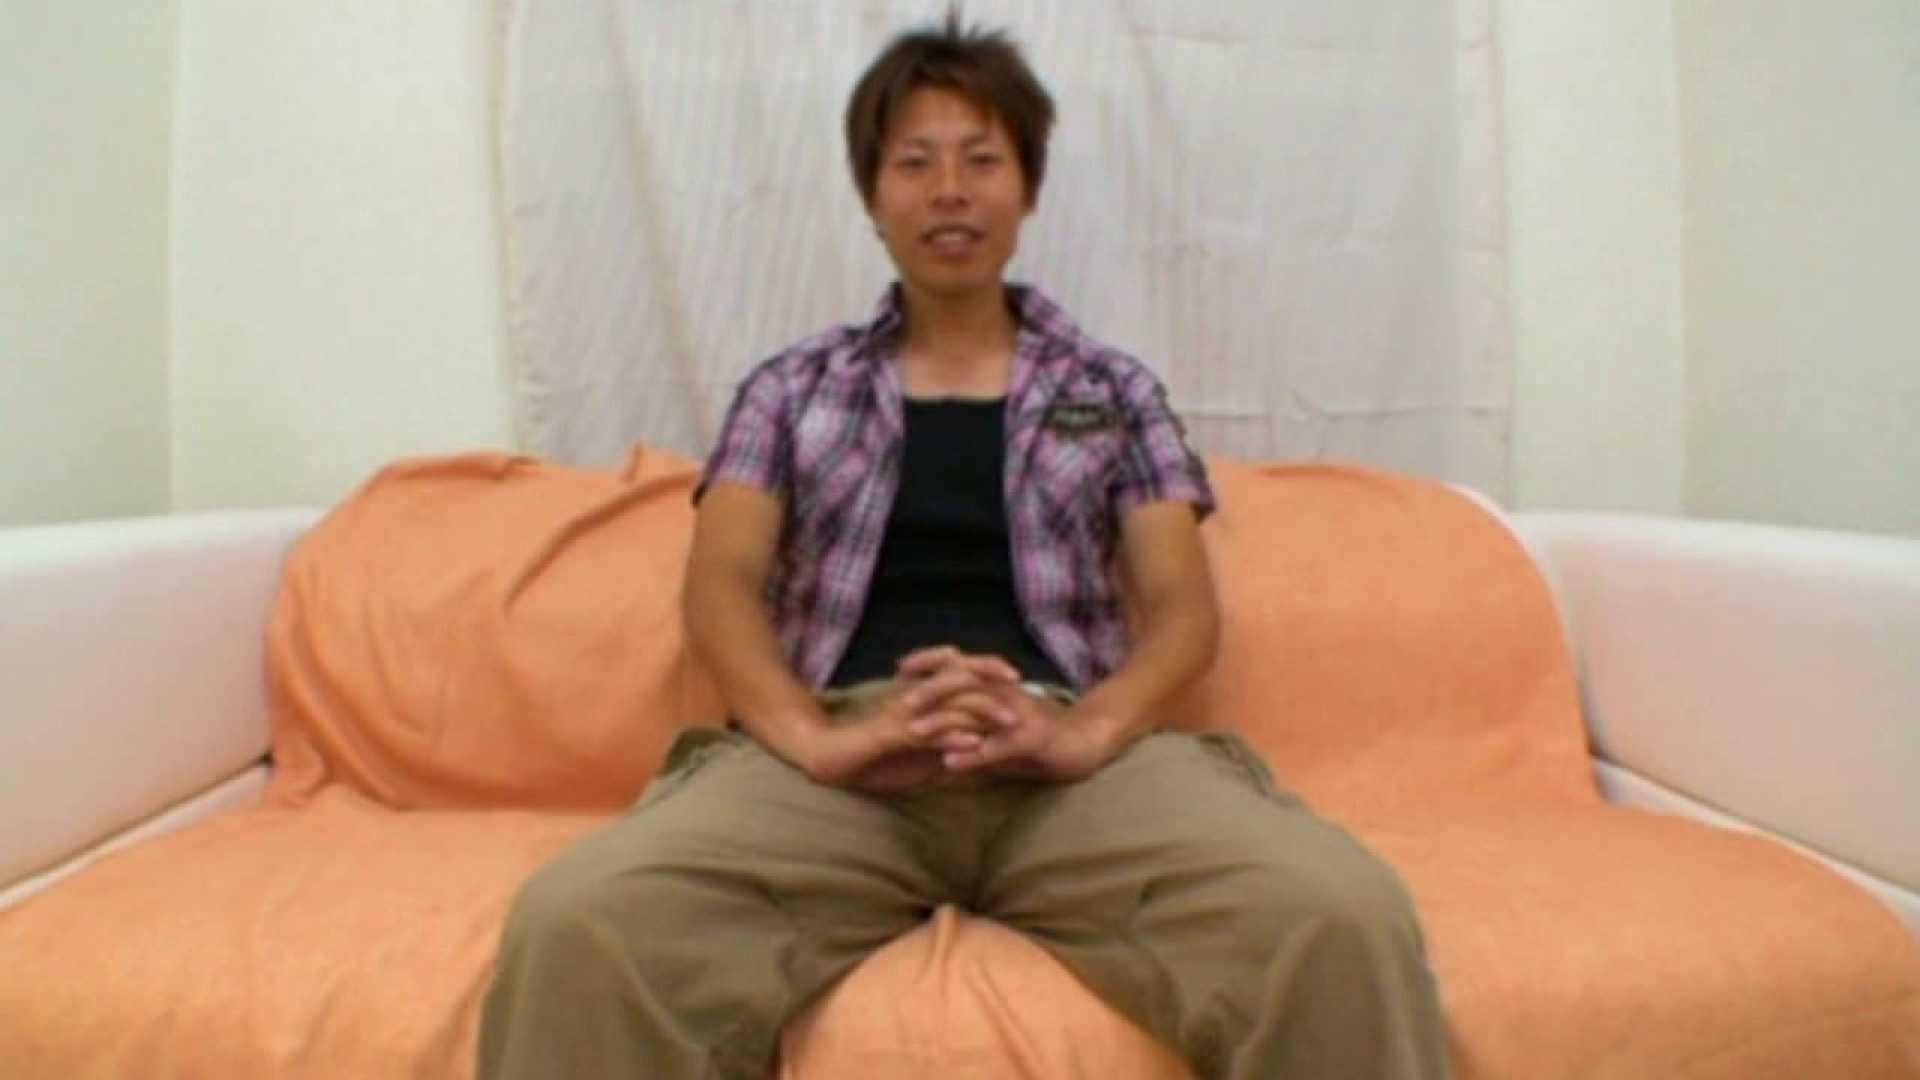 ノンケ!自慰スタジオ No.10 オナニー アダルトビデオ画像キャプチャ 113枚 31